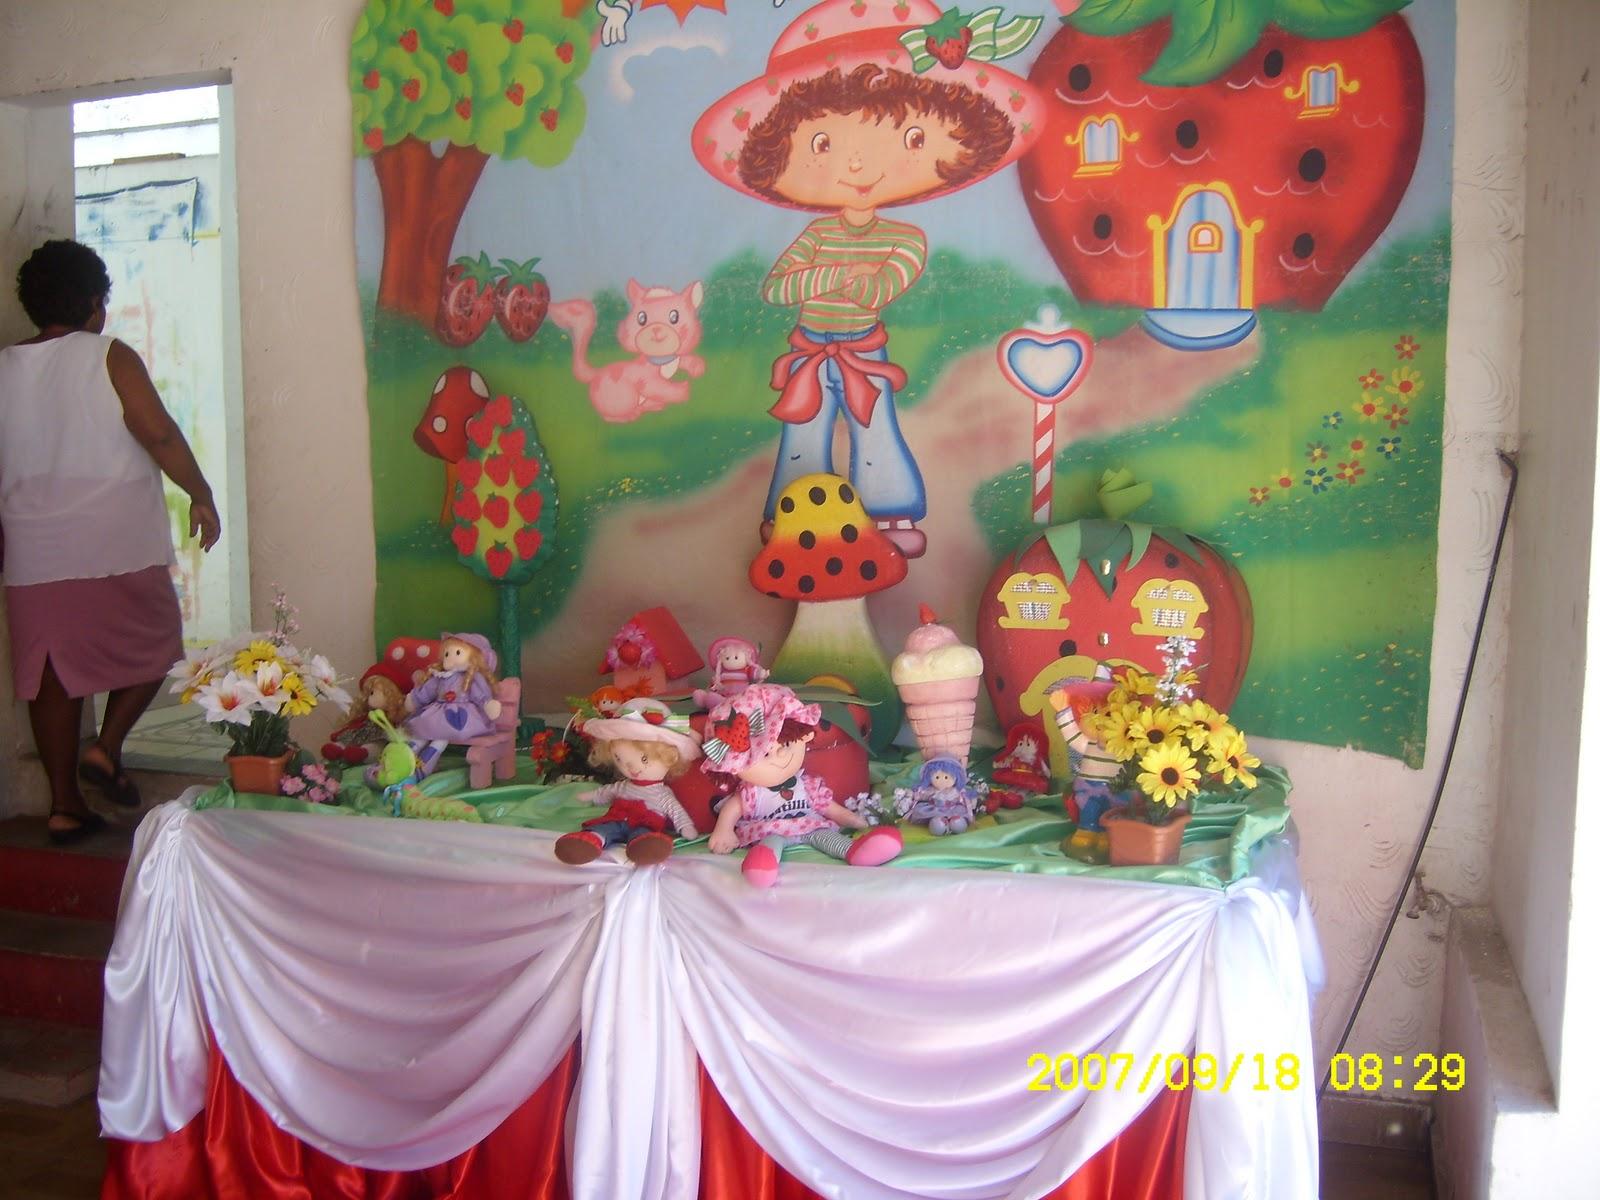 Articulos para Bodas y Cumpleaños: Decoracion Tematica Rosita Fresita